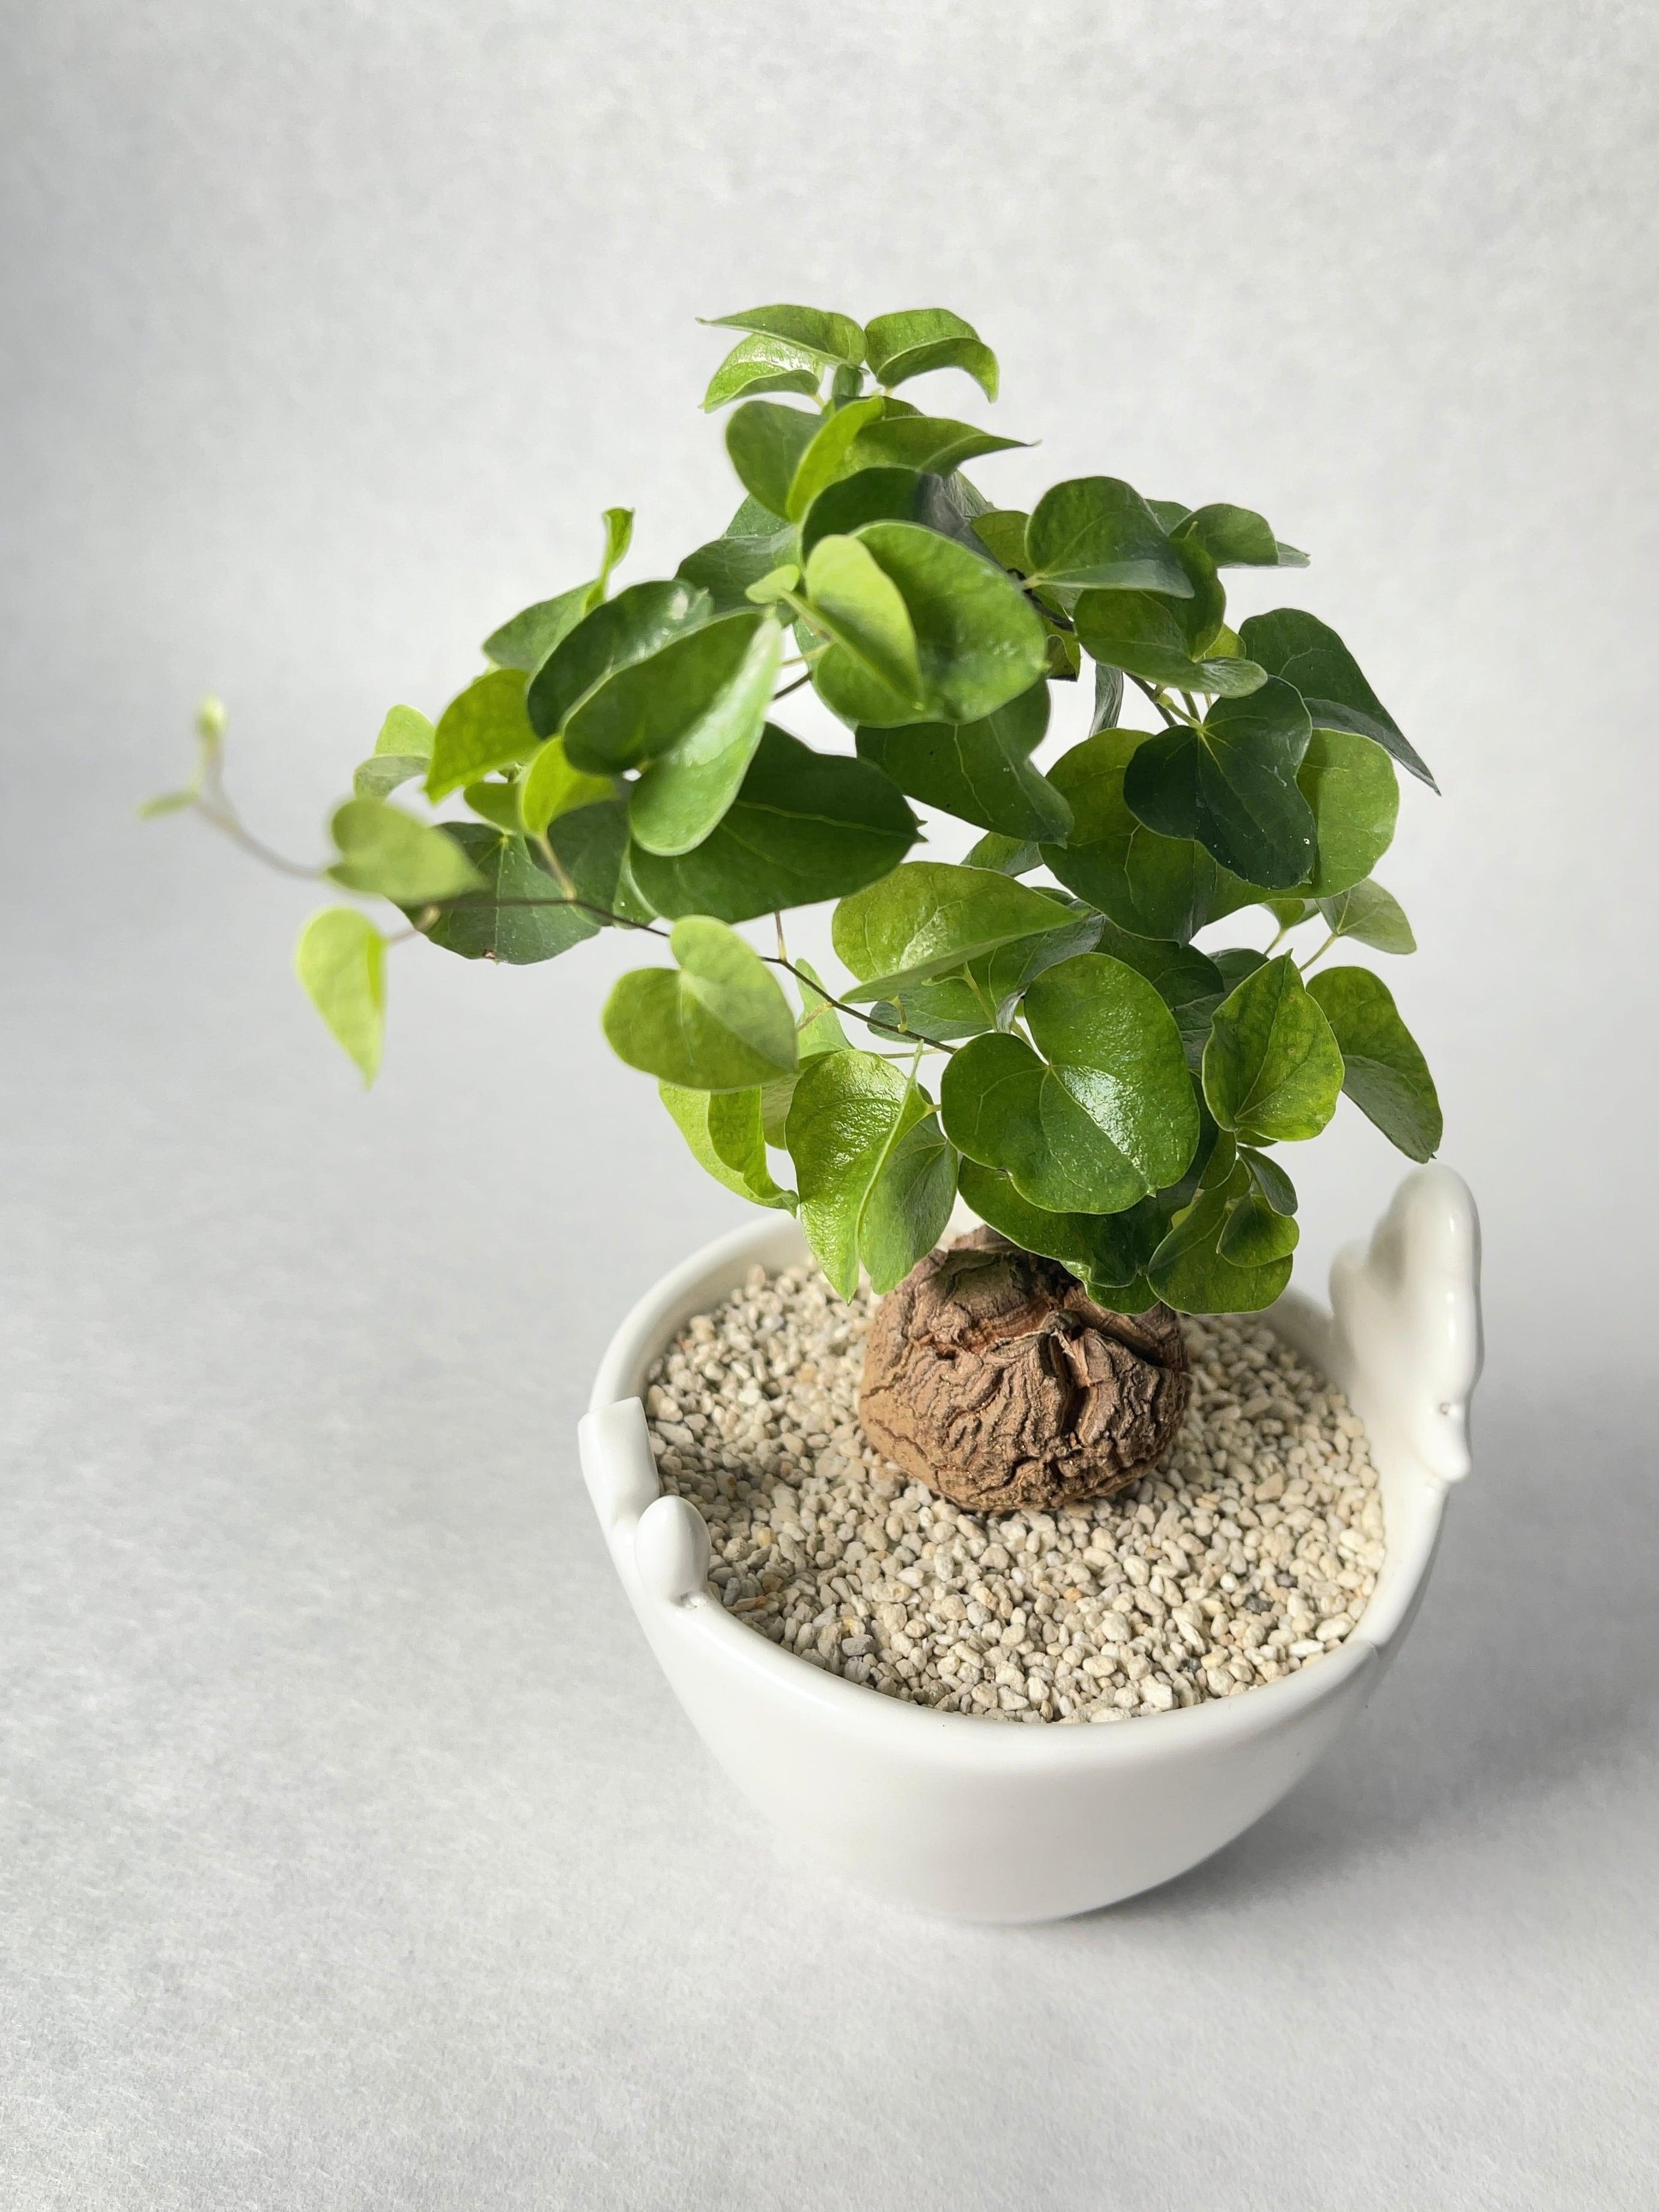 ディオスコレア・亀甲竜